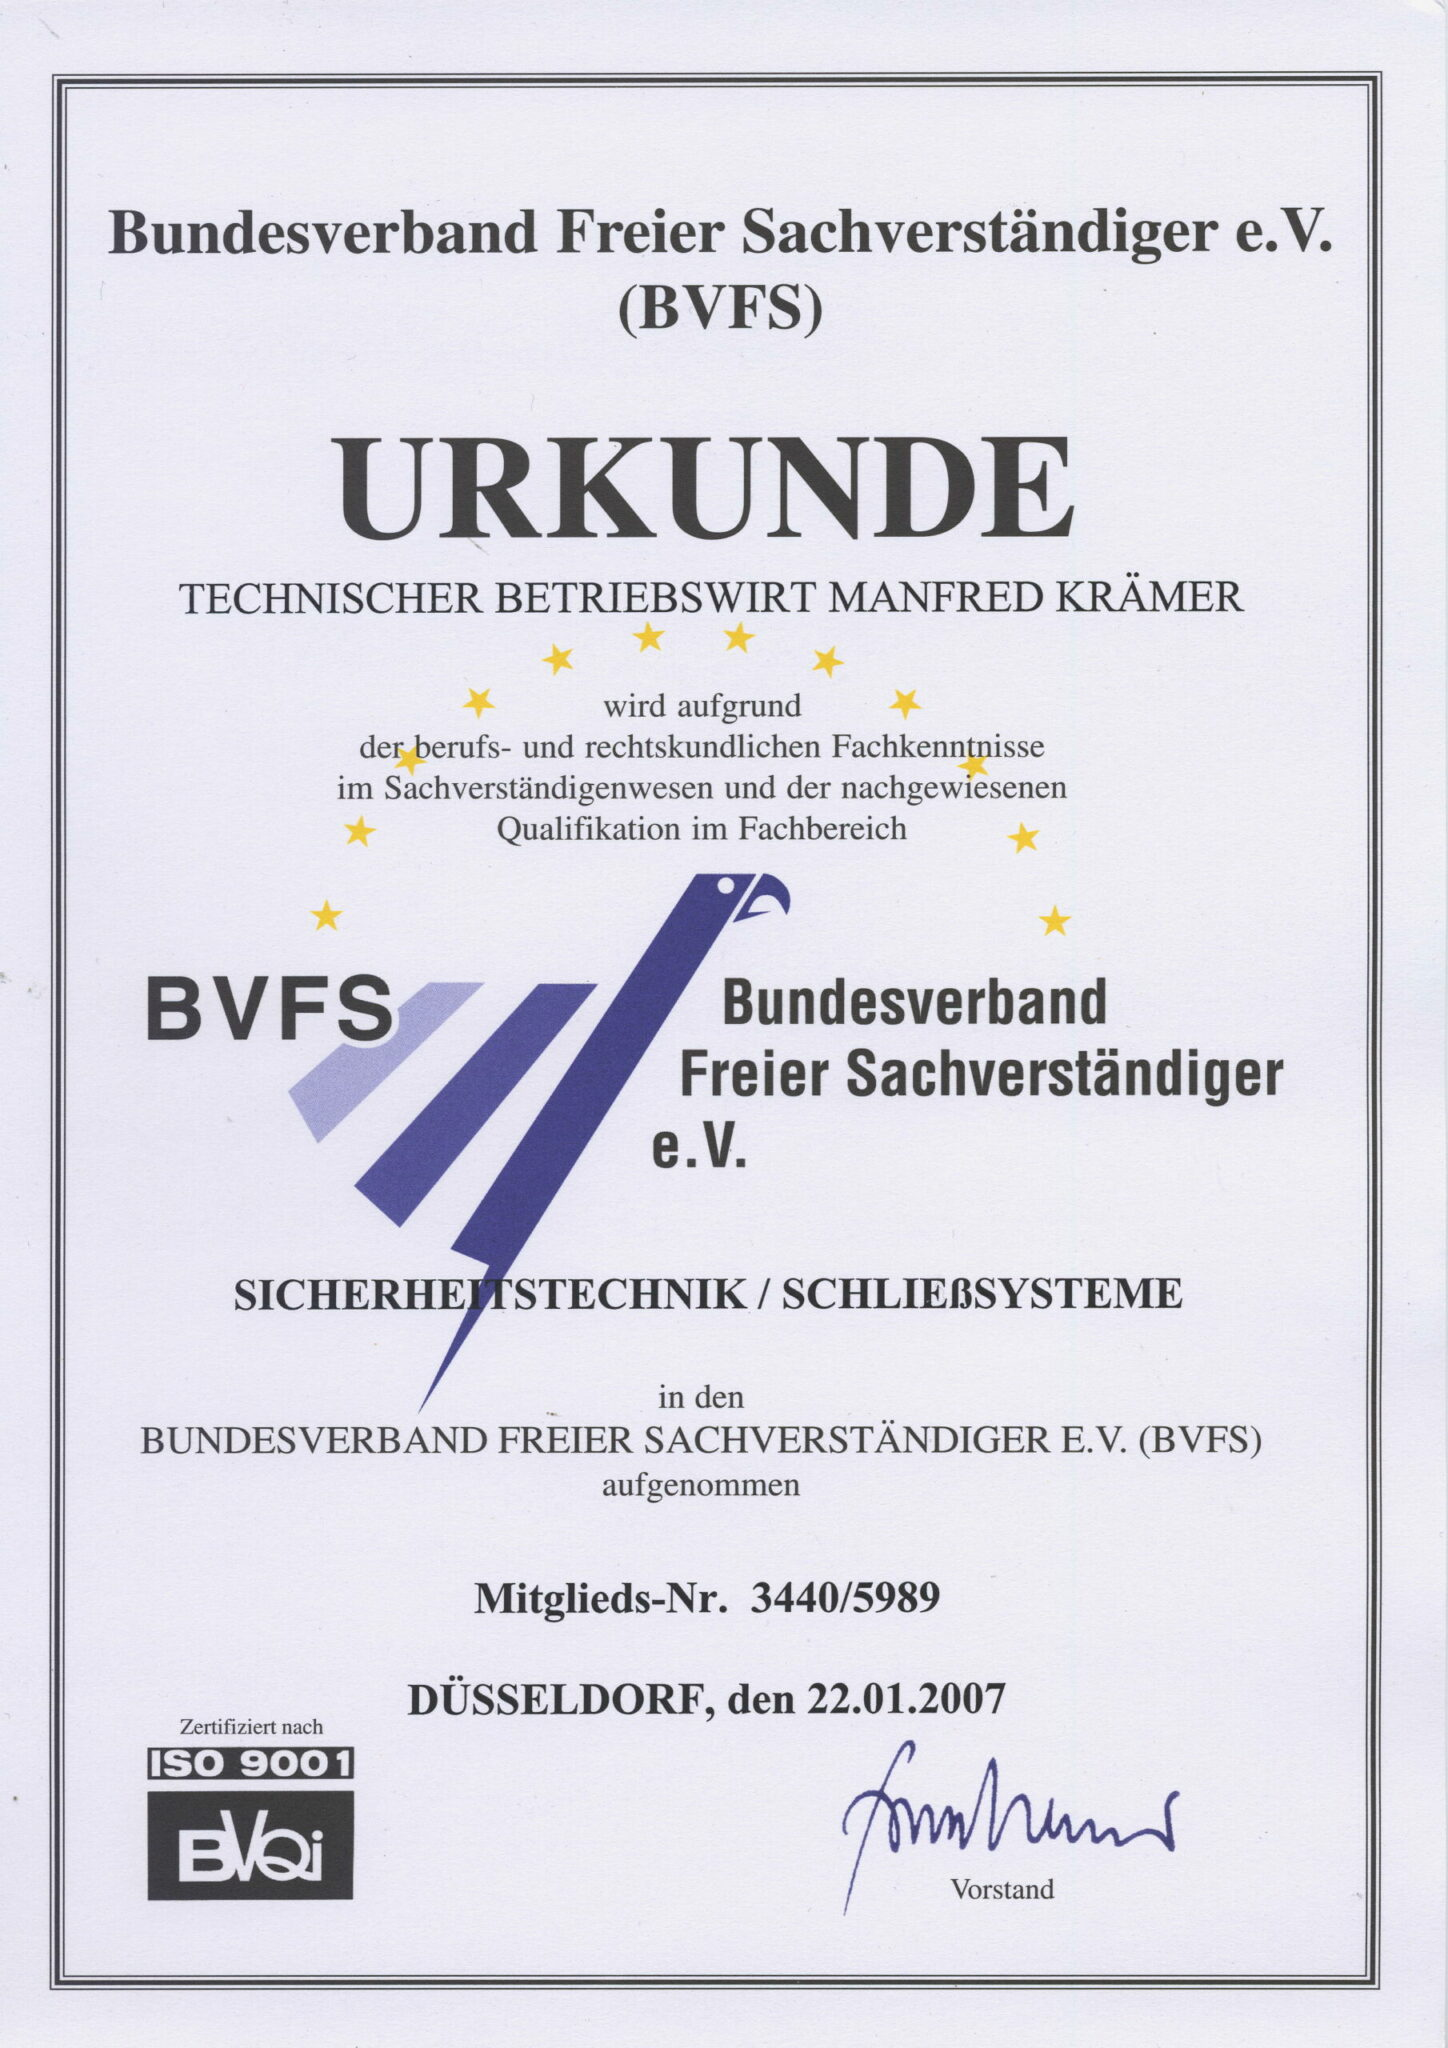 BVFS-2007